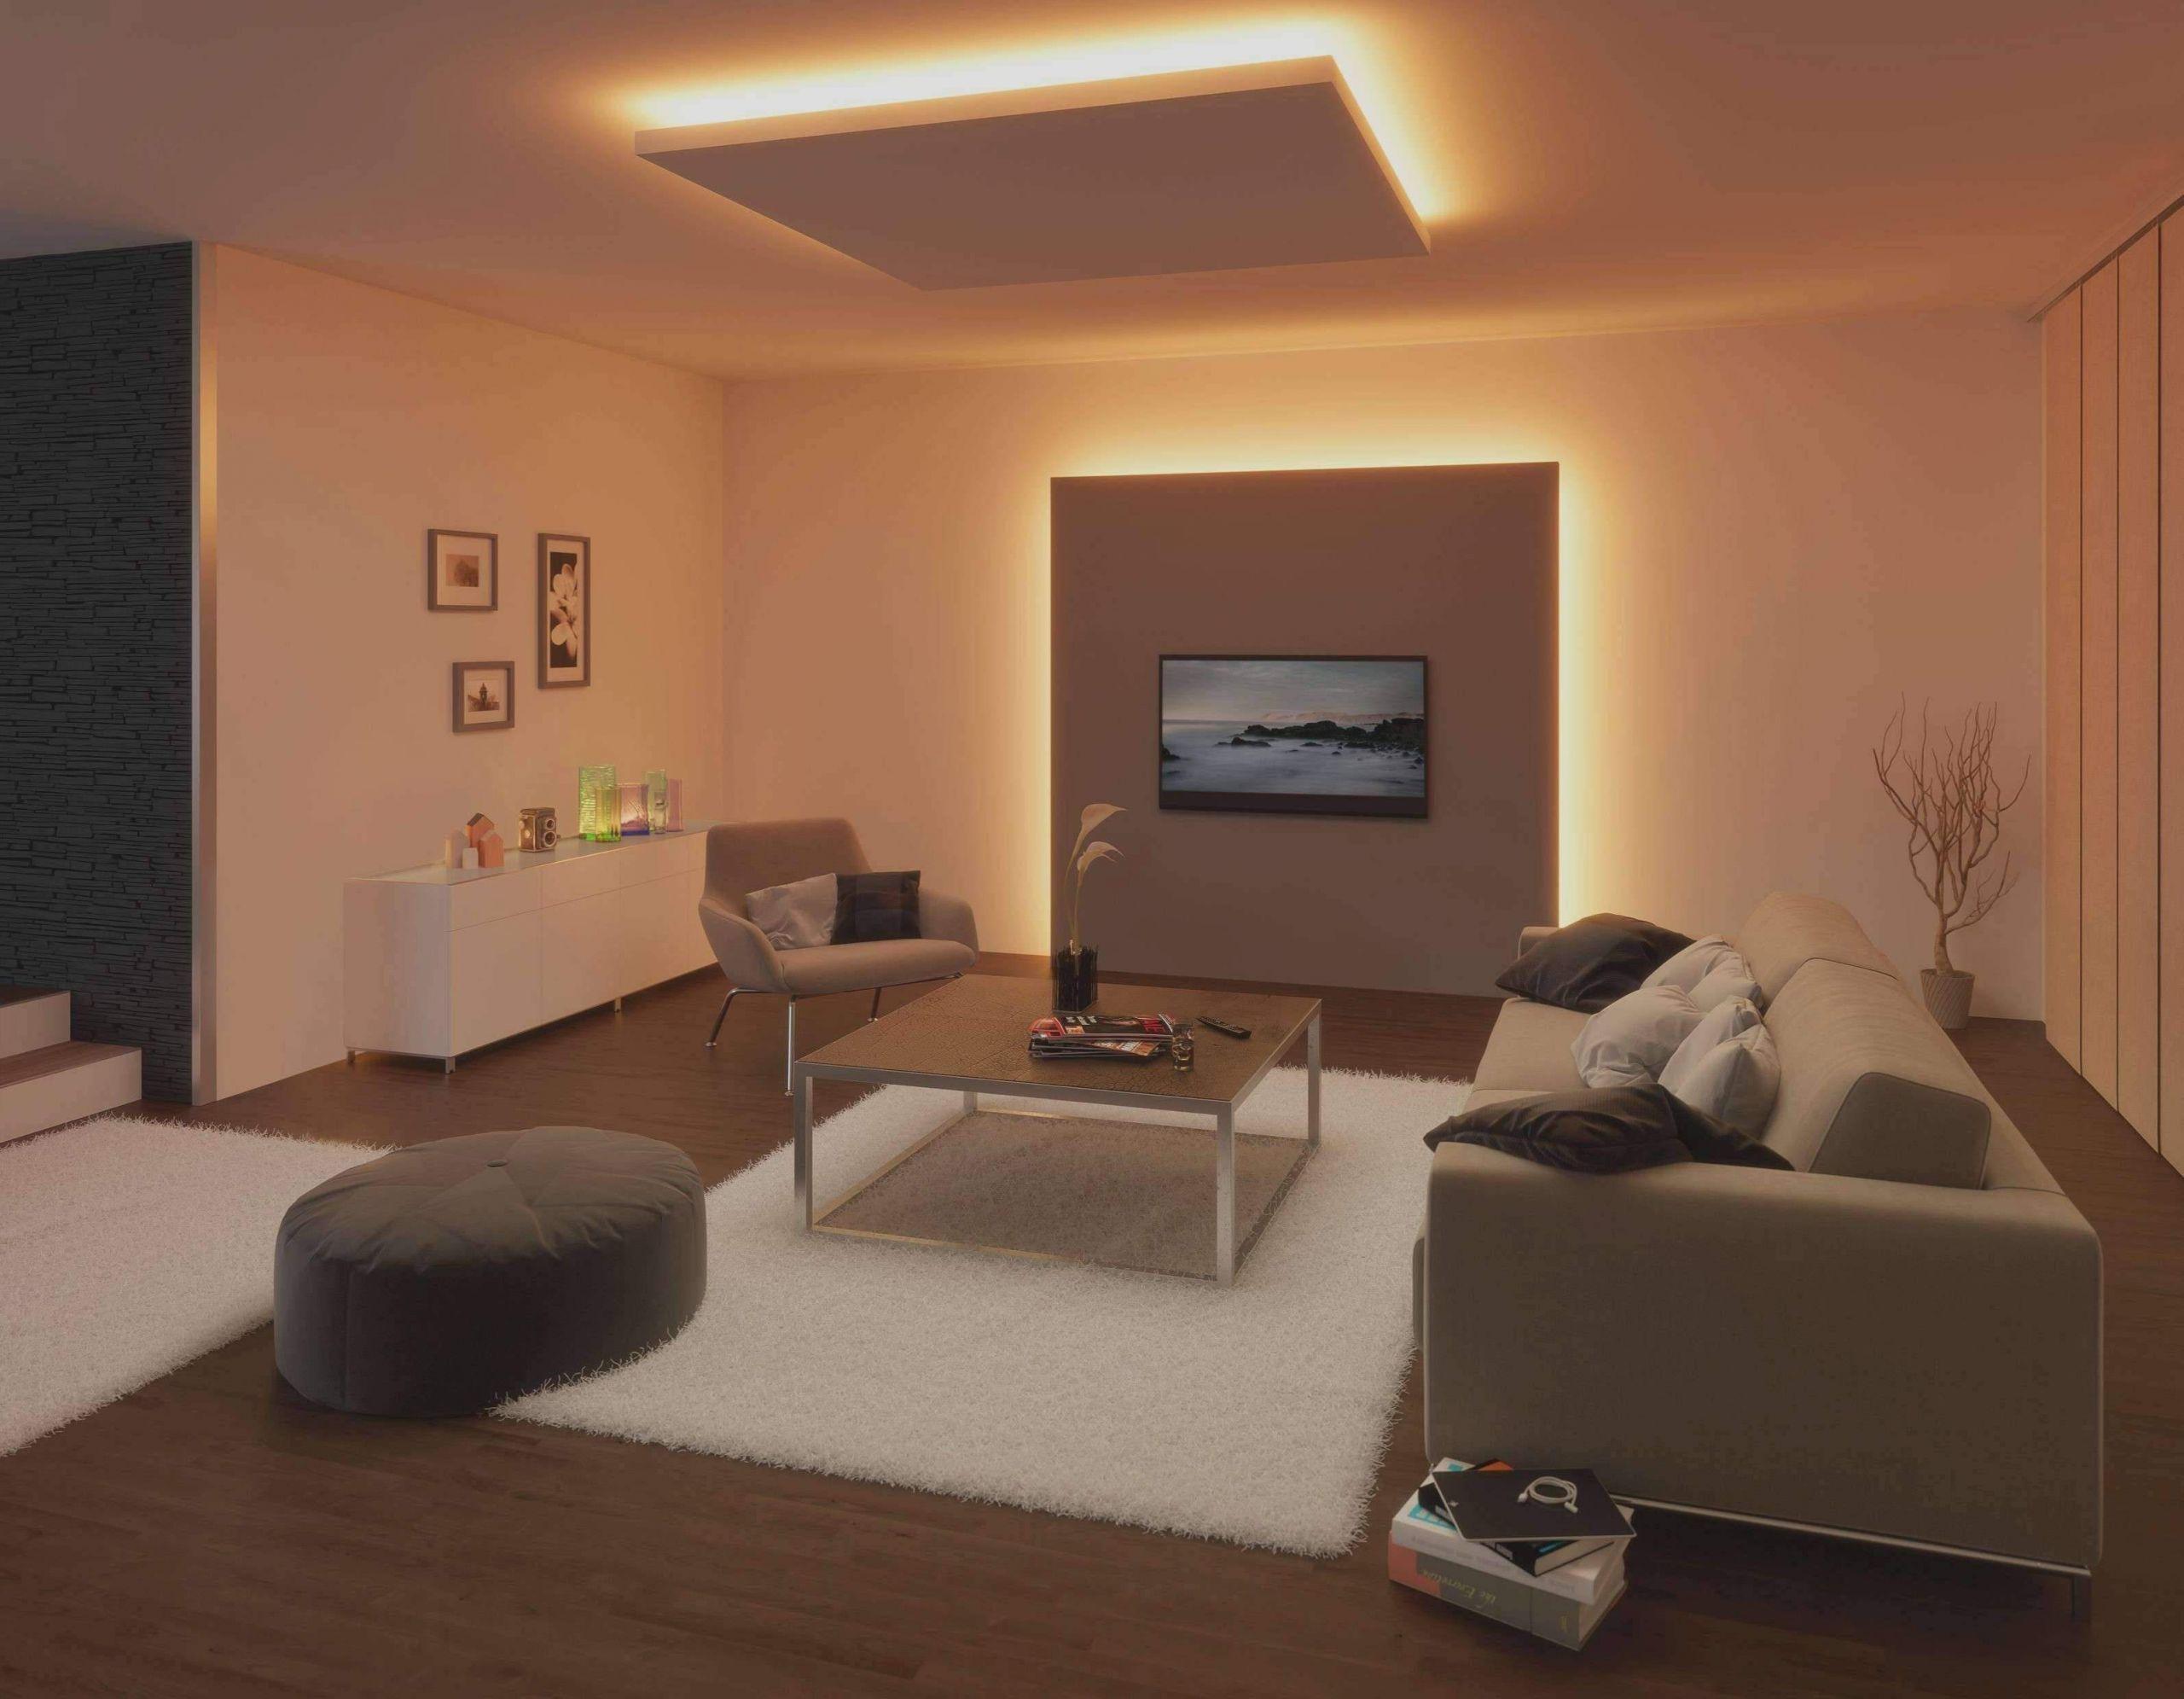 dekofiguren wohnzimmer neu inspirierend wohnzimmer tischlampe of dekofiguren wohnzimmer